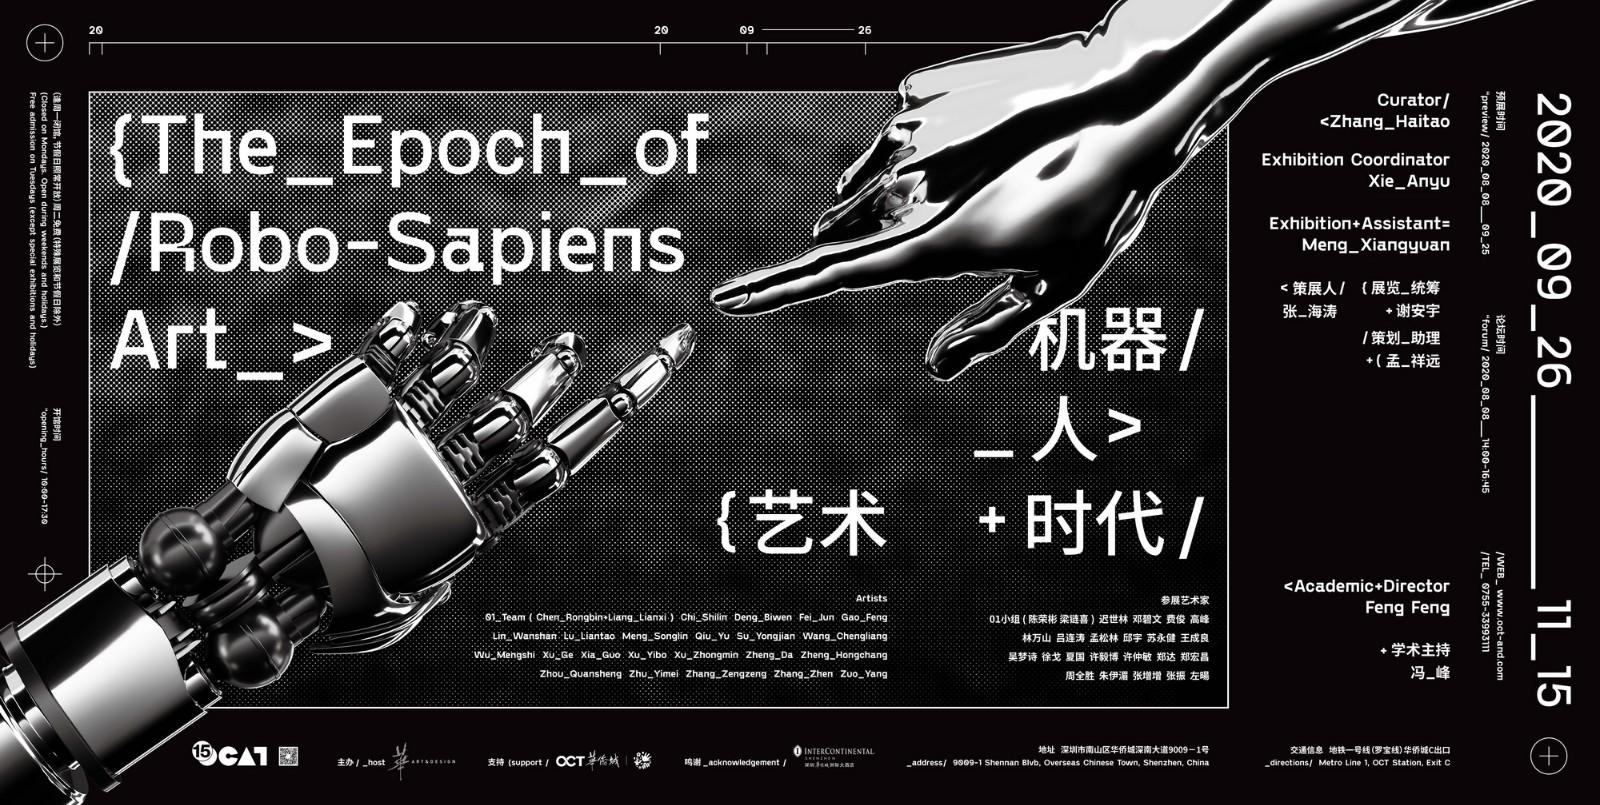 机器·人·艺术·时代(海报 - 横版)静态图.jpg